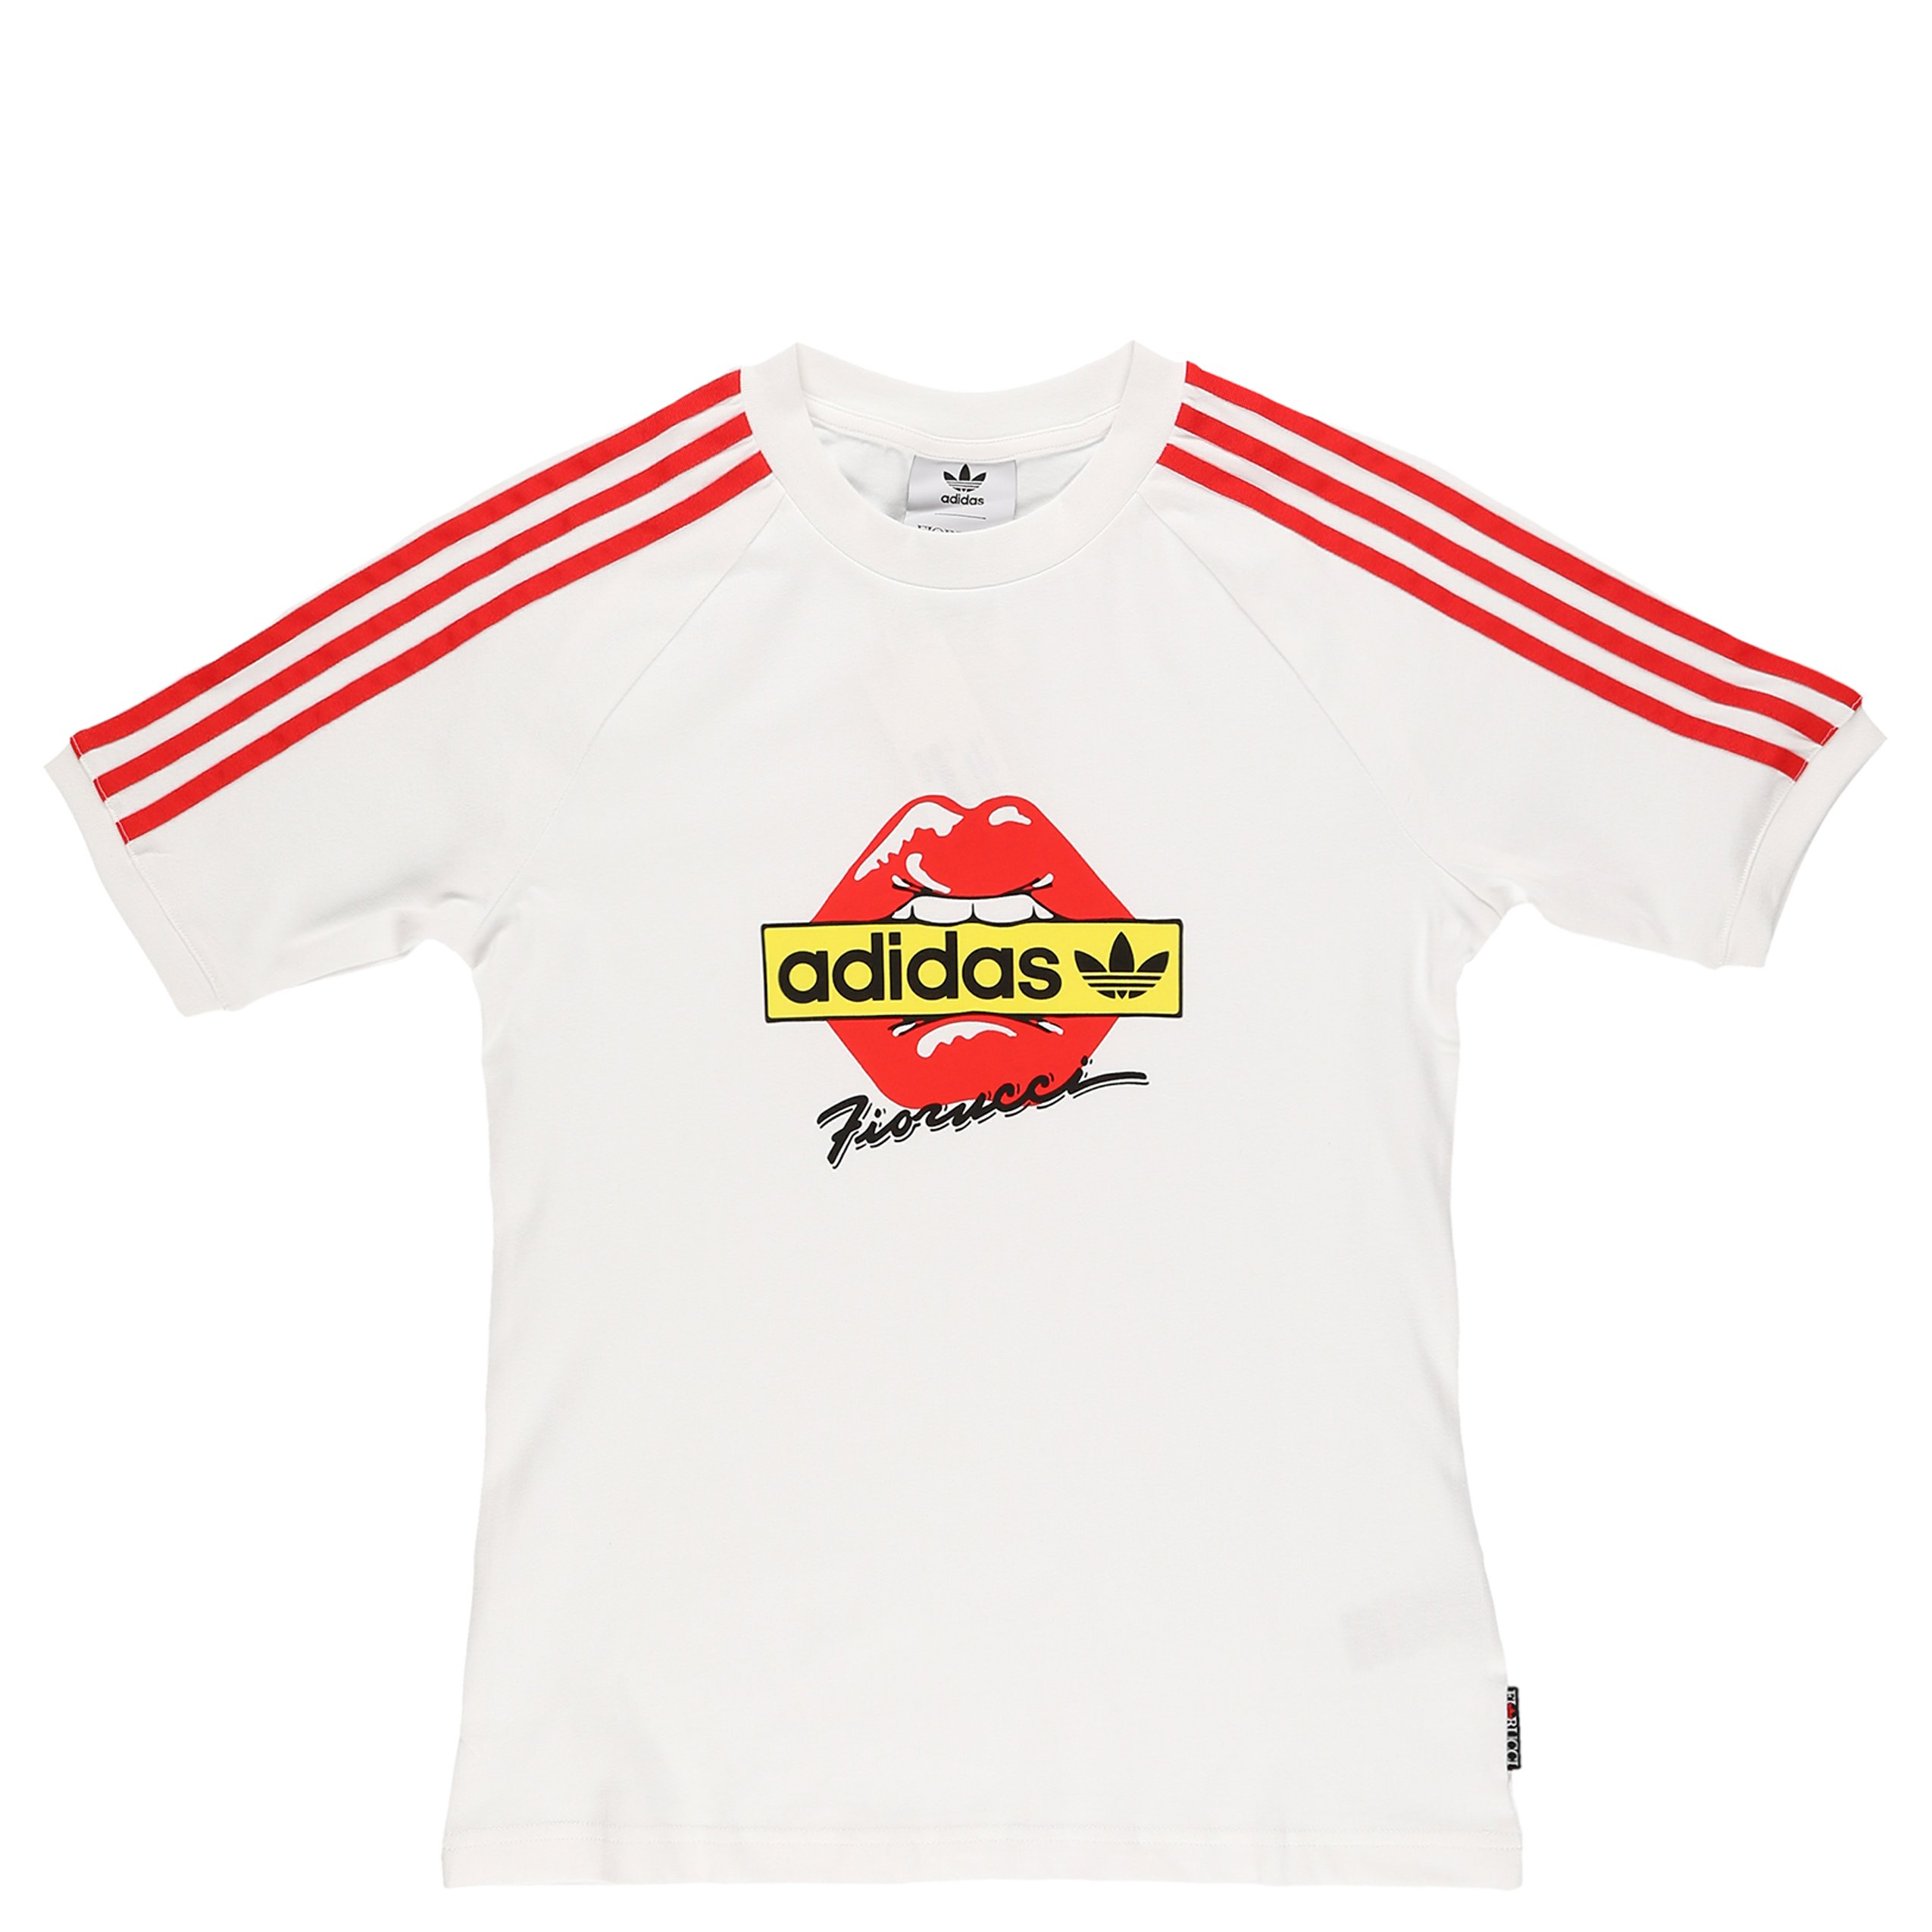 931ebc52e22 adidas Originals x Fiorucci Kiss T- Shirt - White/Red | Garmentory